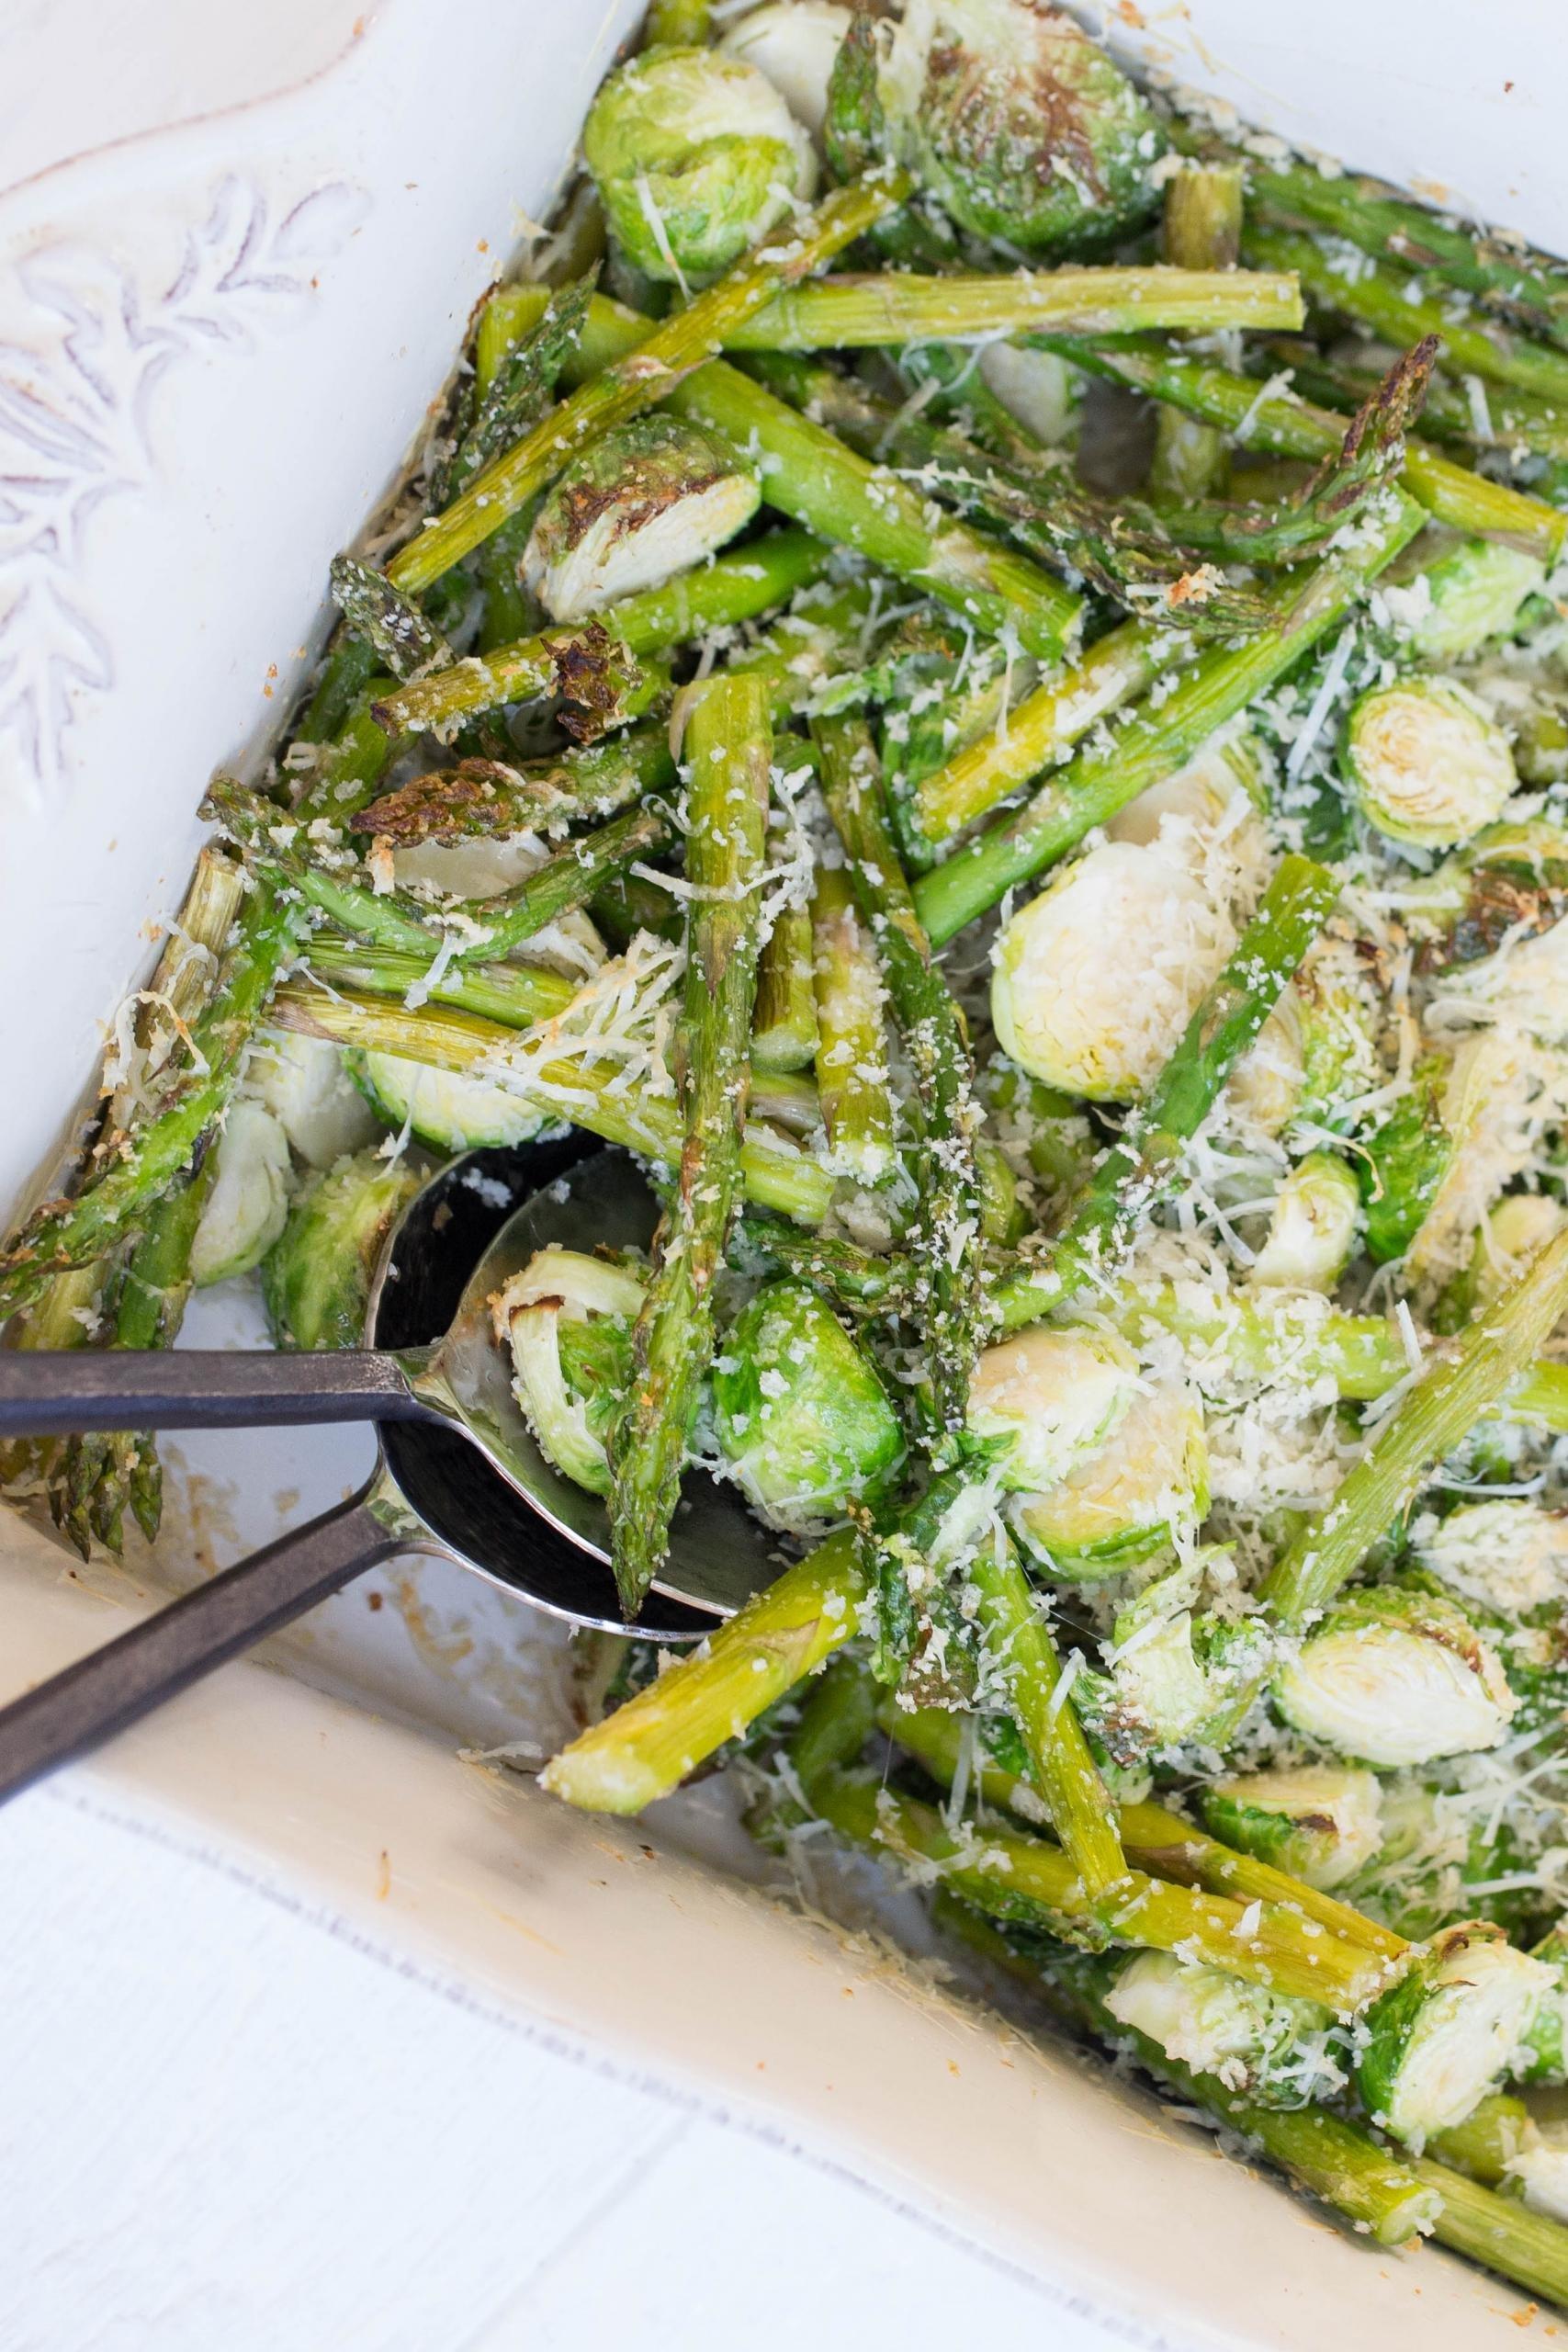 Parmesan Panko Roasted Veggies in a baking dish